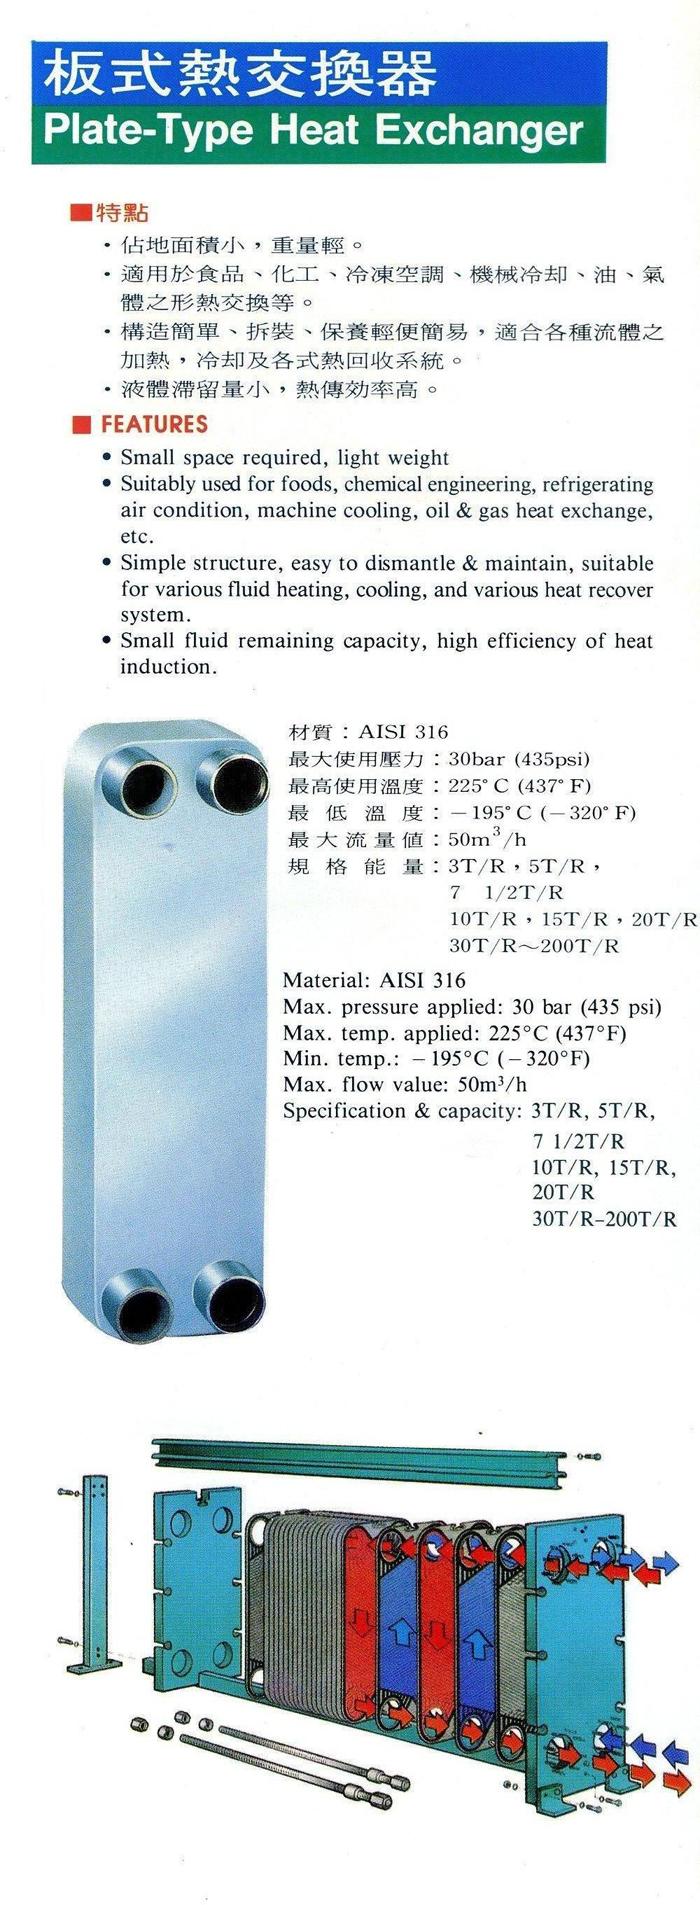 Plate-type Heat Exchanger